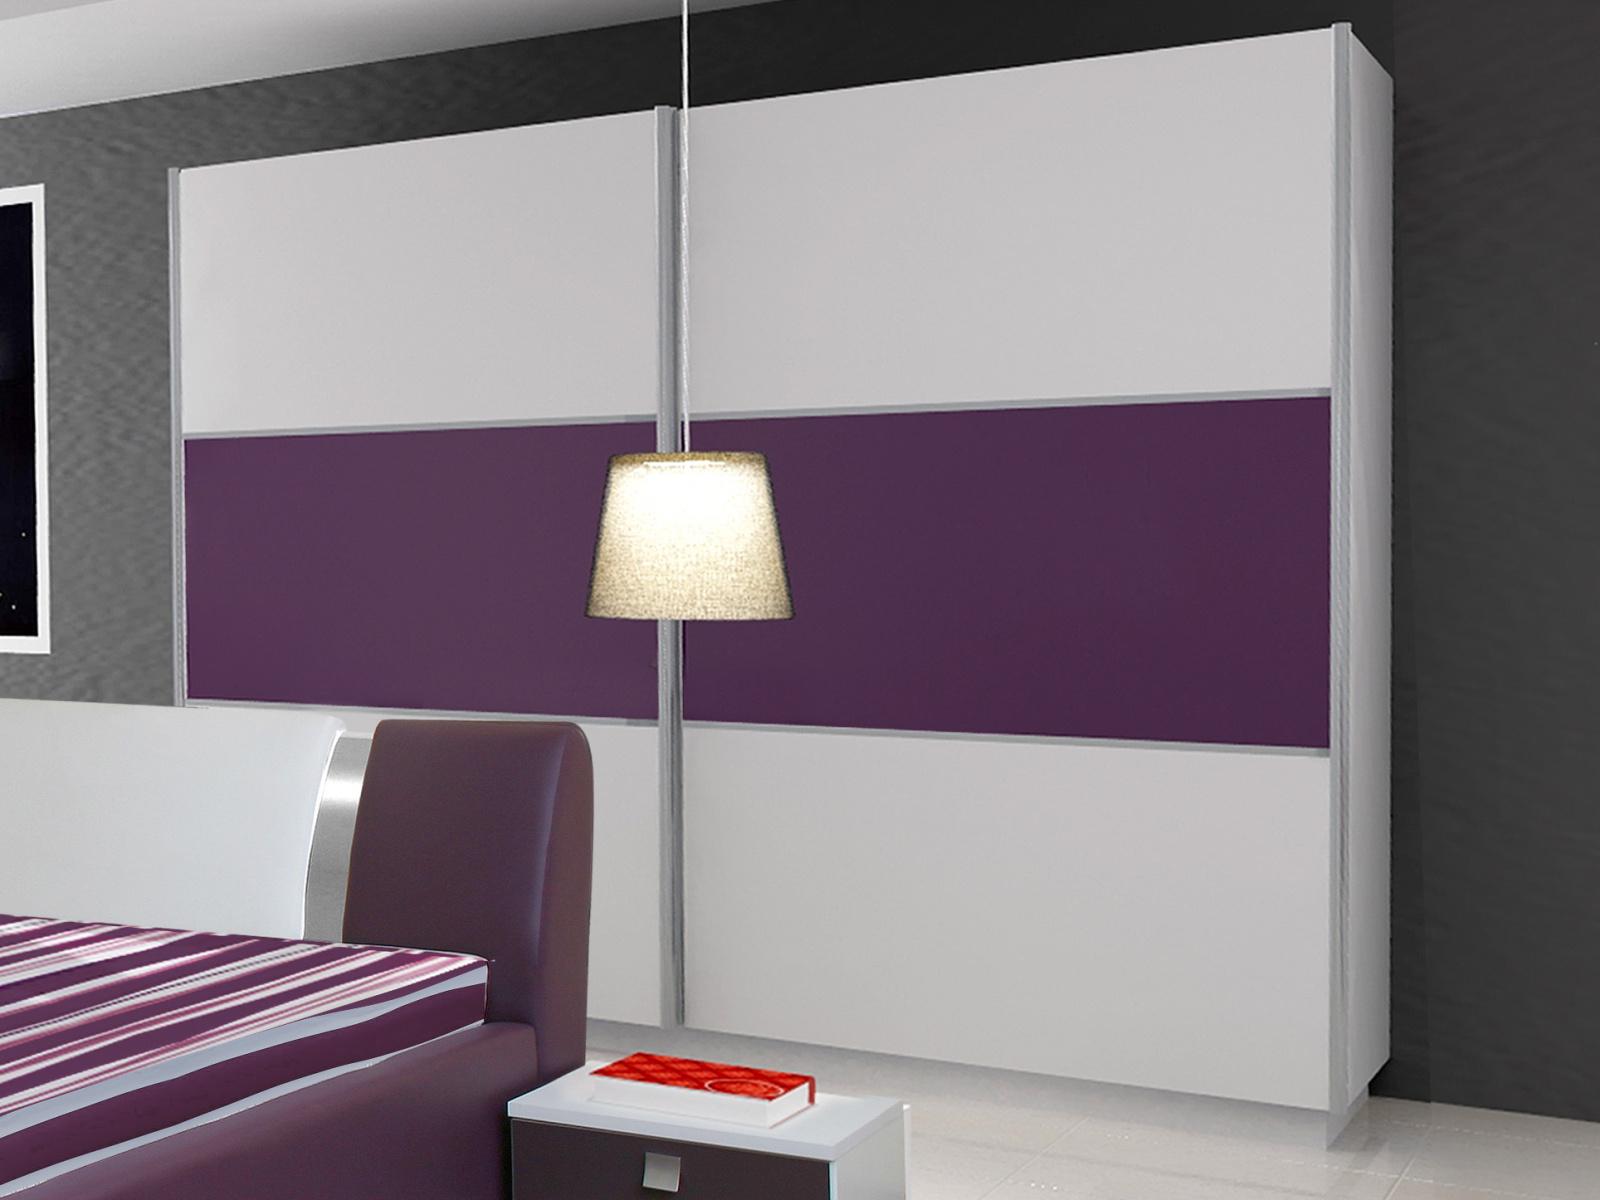 Smartshop Šatní skříň RIVA II 240, bílá/bílý + fialový lesk